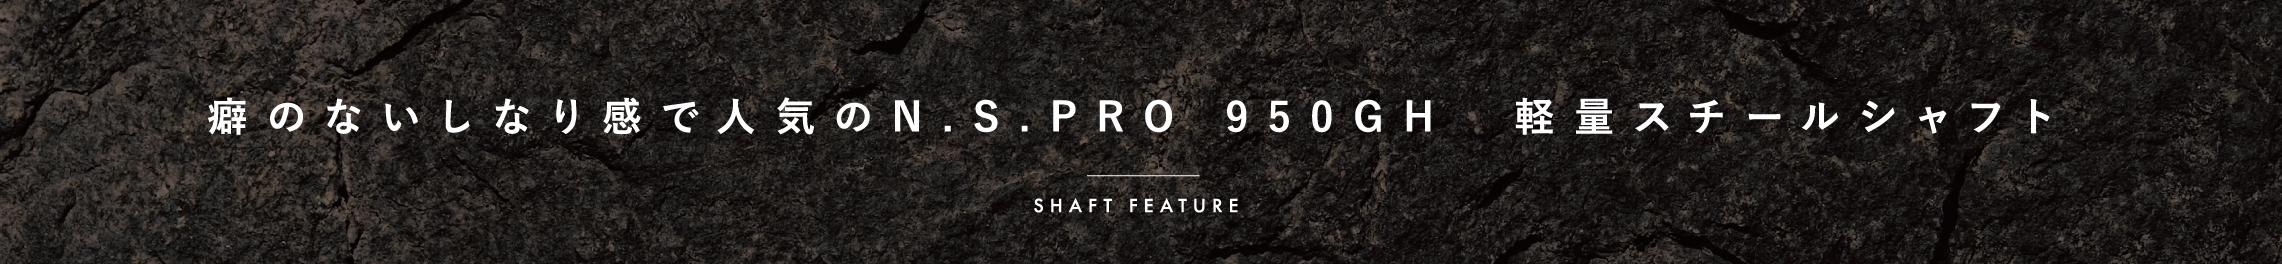 癖のないしなり感で人気のN.S.PRO 950GH 軽量スチールシャフト Shaft Feature